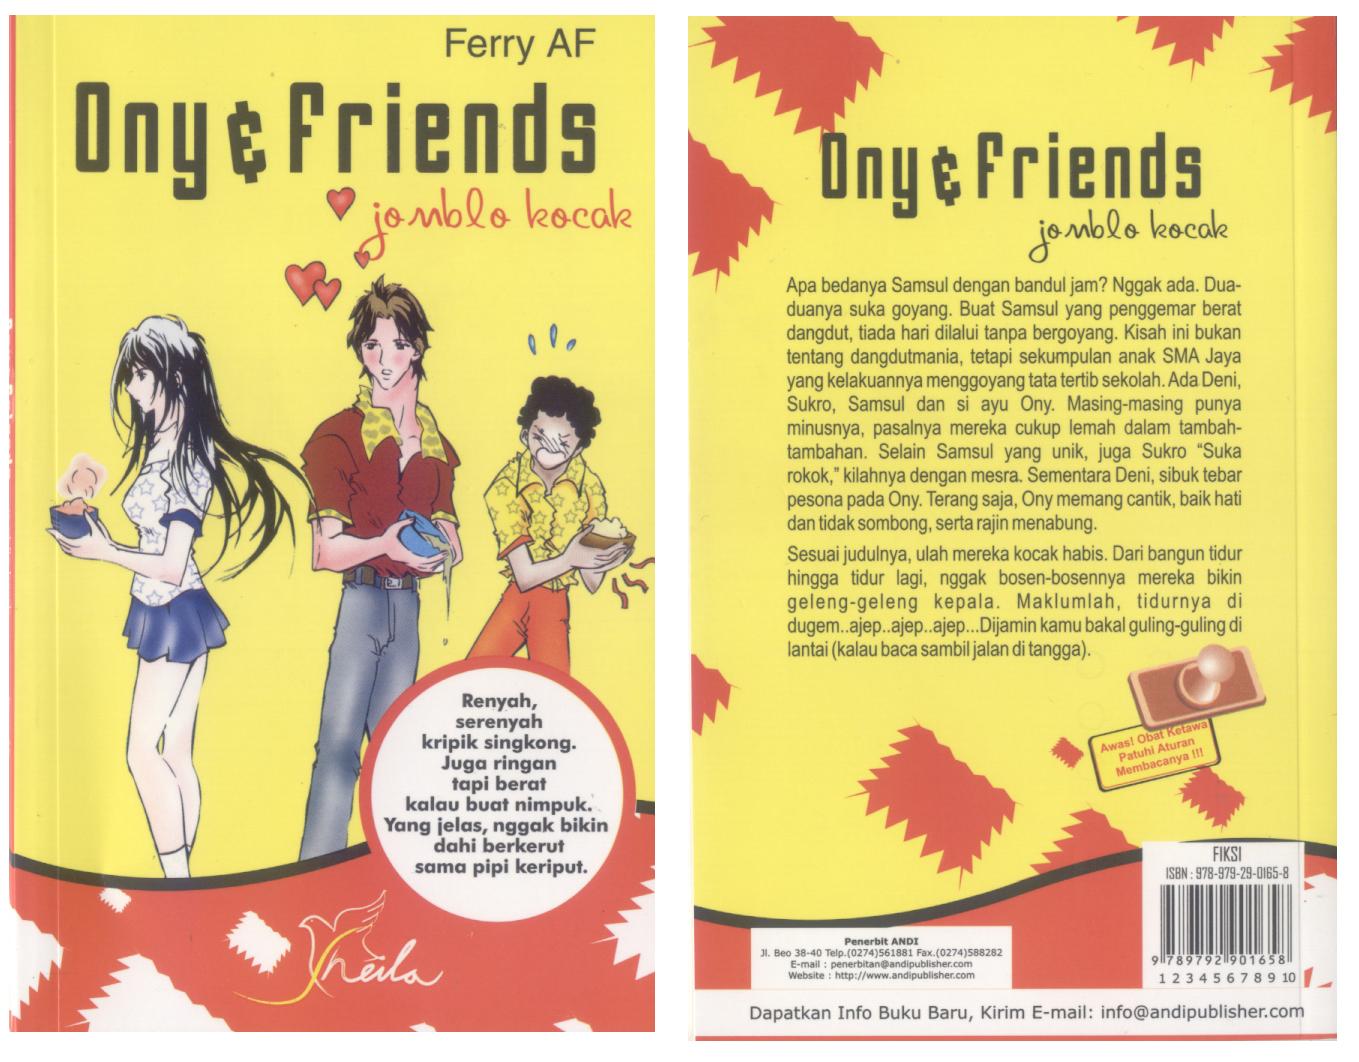 Ony Friends Jomblo Kocak Semuanya Tentang Buku